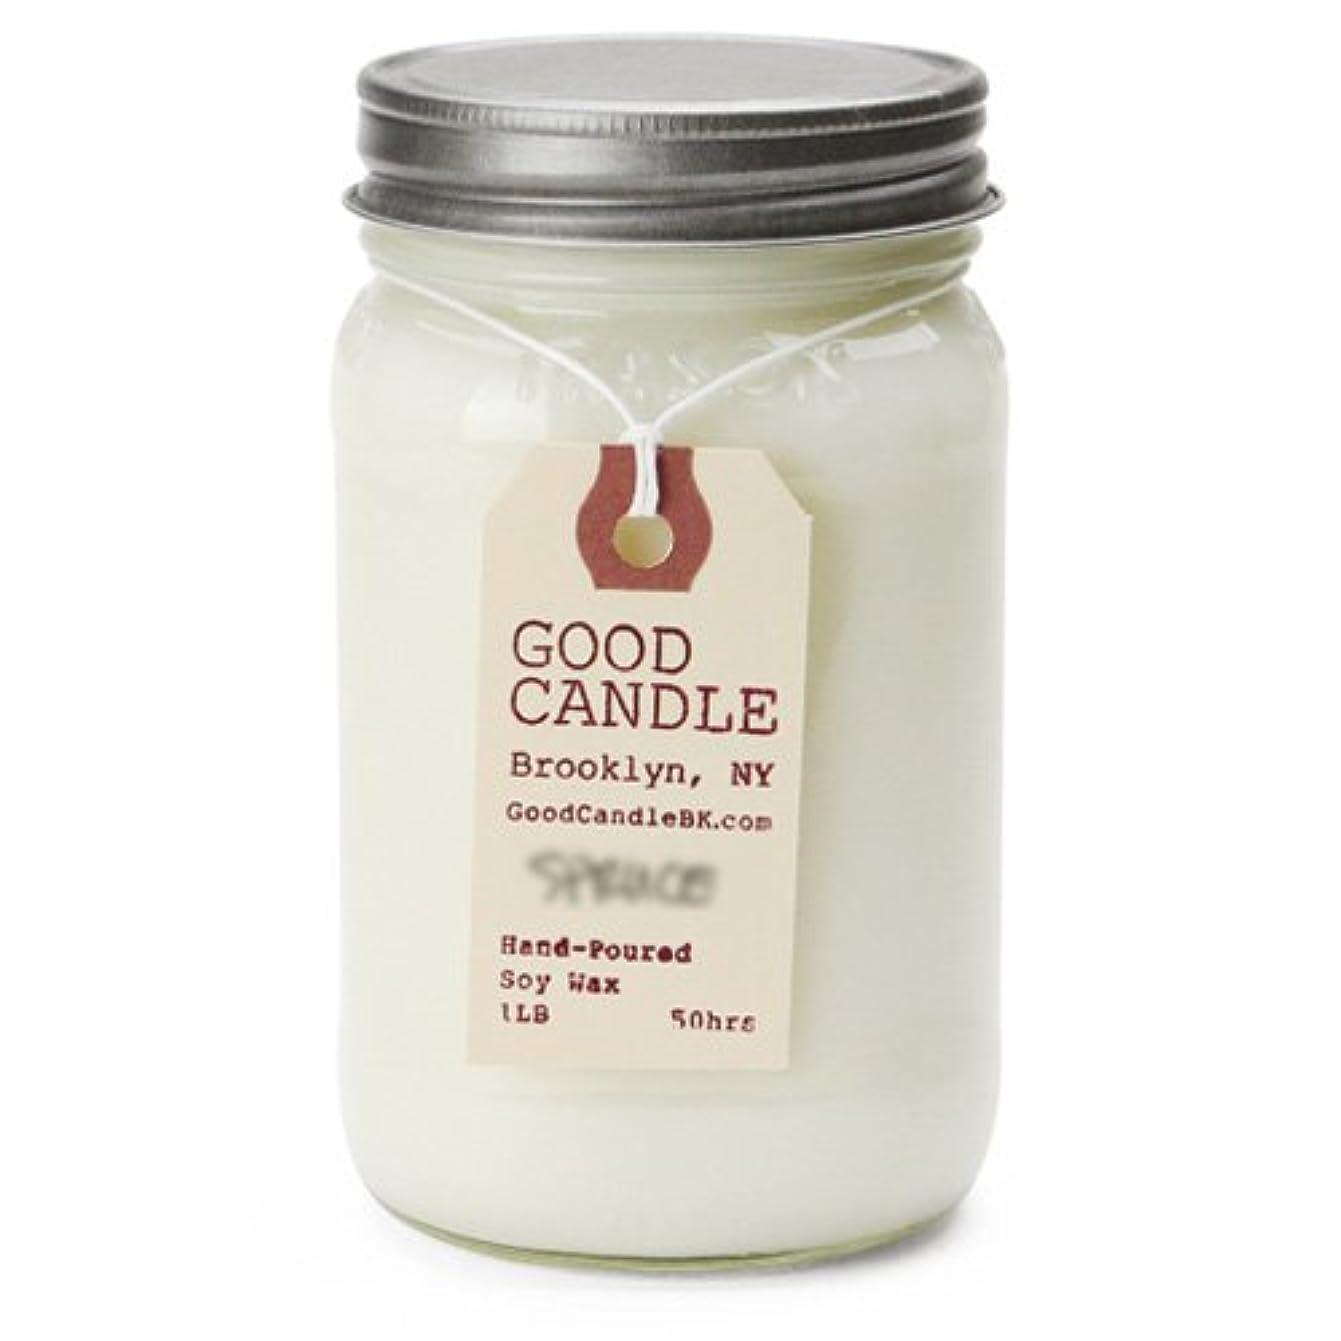 木曜日送金キャンバスグッドキャンドル 1ポンド メイソンジャー キャンドル Good Candle 1LB Mason jar candle [ bayberry ] 正規品